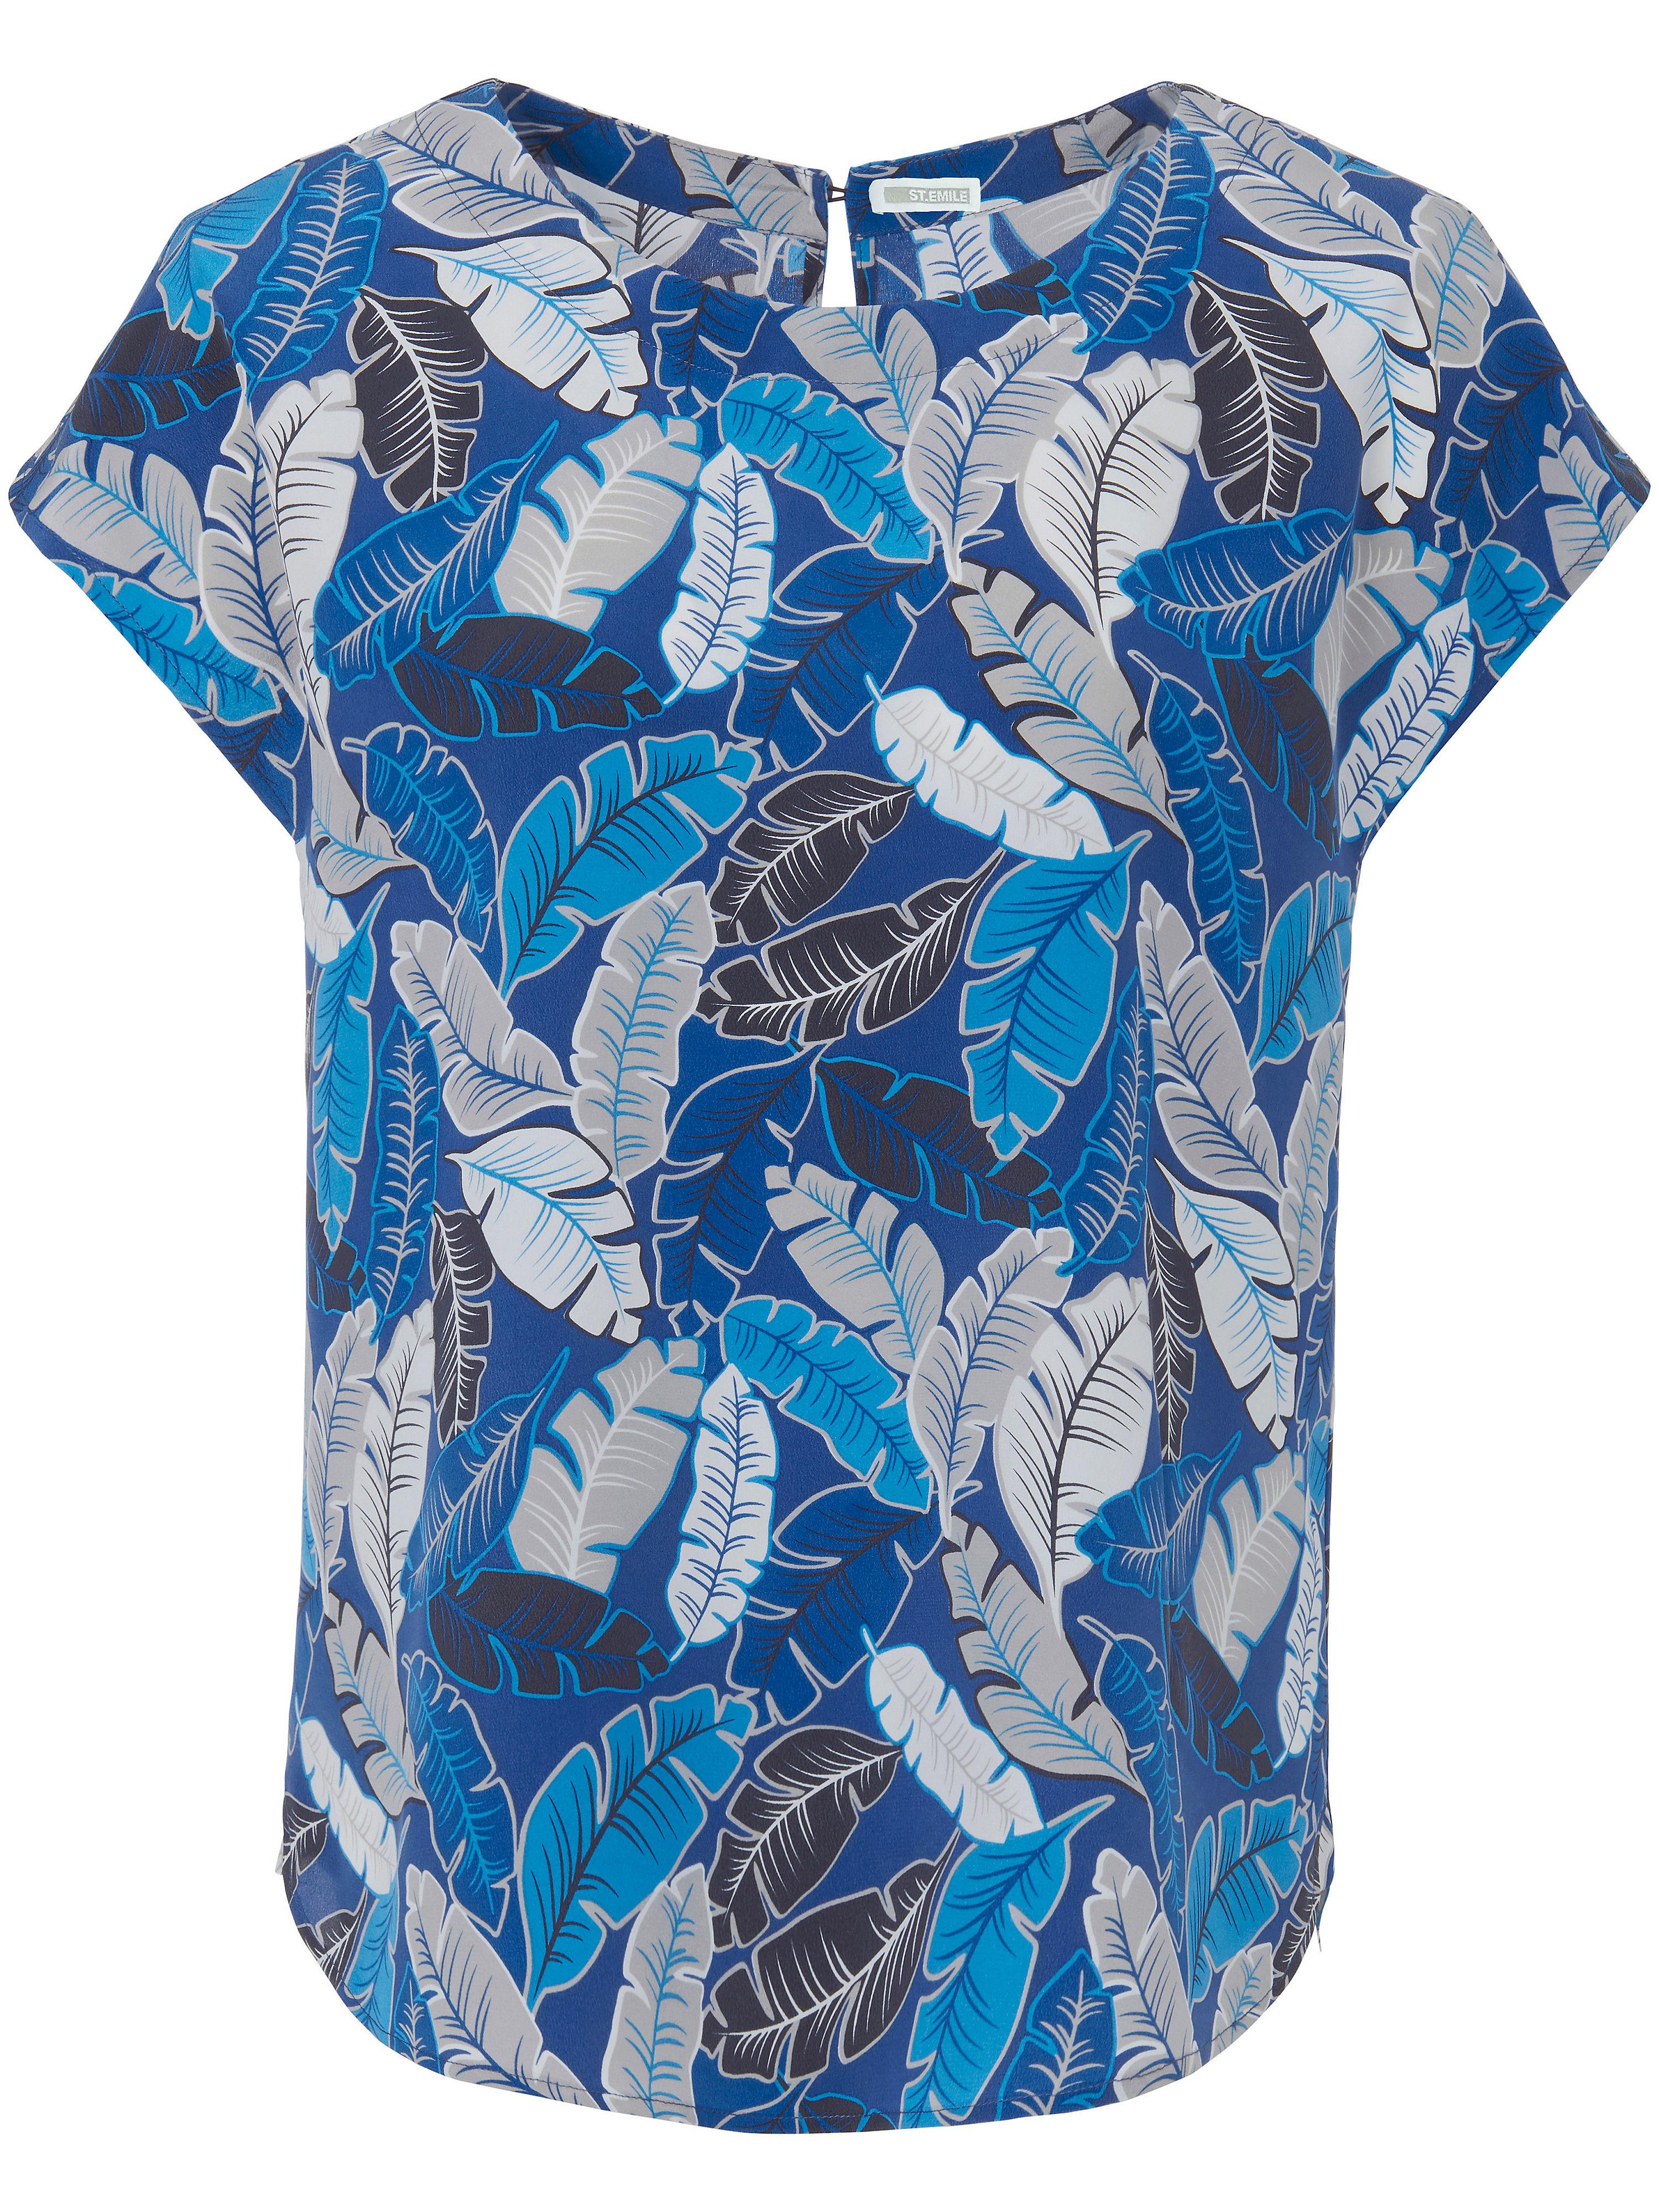 La blouse 100% soie  St. Emile multicolore taille 38